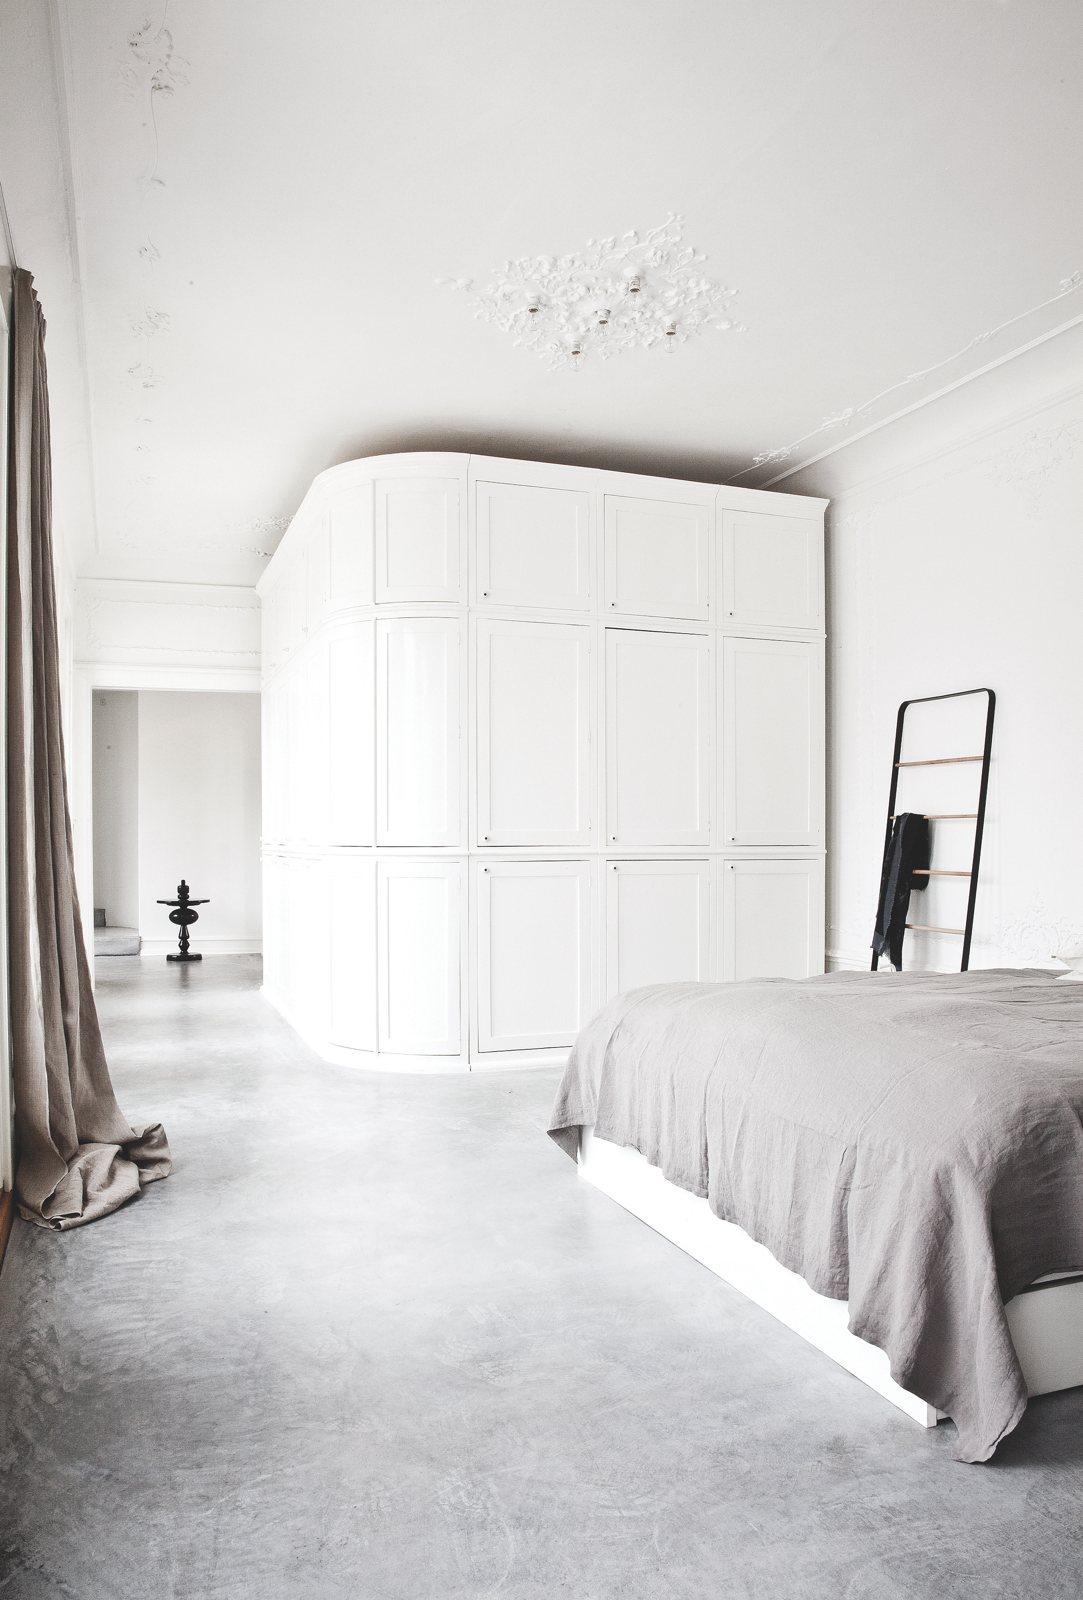 Slaapkamer ideeën gietvloer